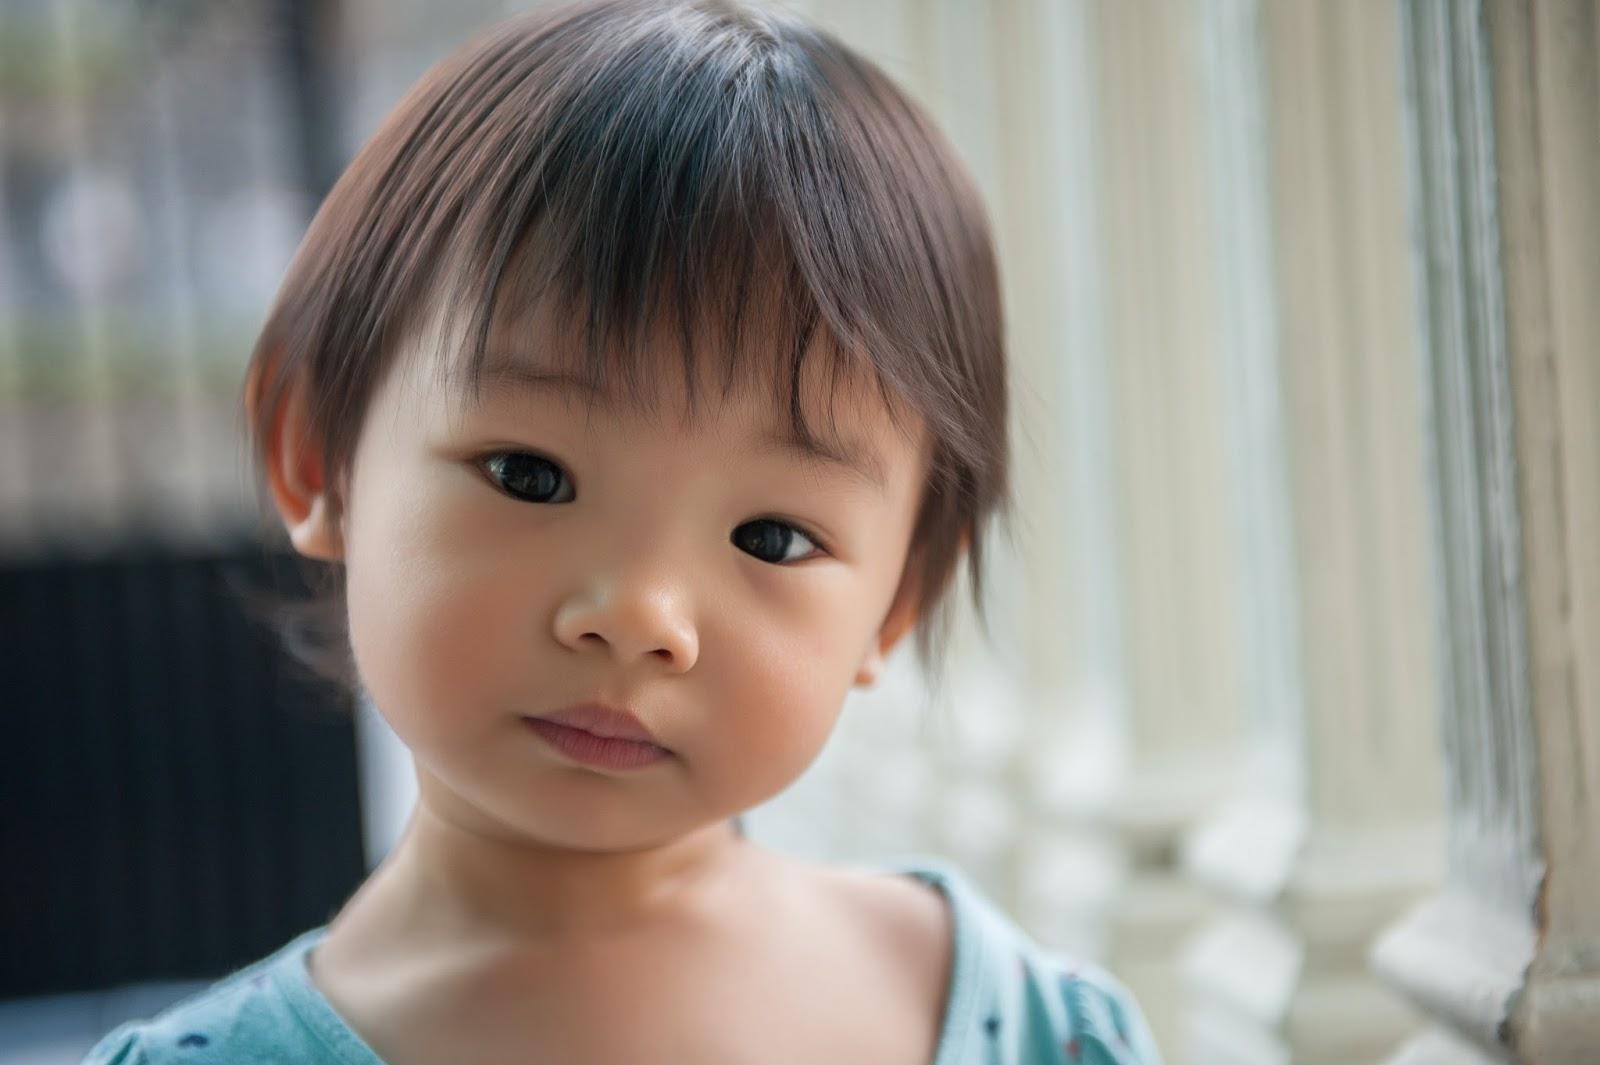 守護那雙小小的靈魂之窗: 照顧眼睛健康,別讓孩子失去光明的未來-- 五件學齡前幼童的父母要做的事